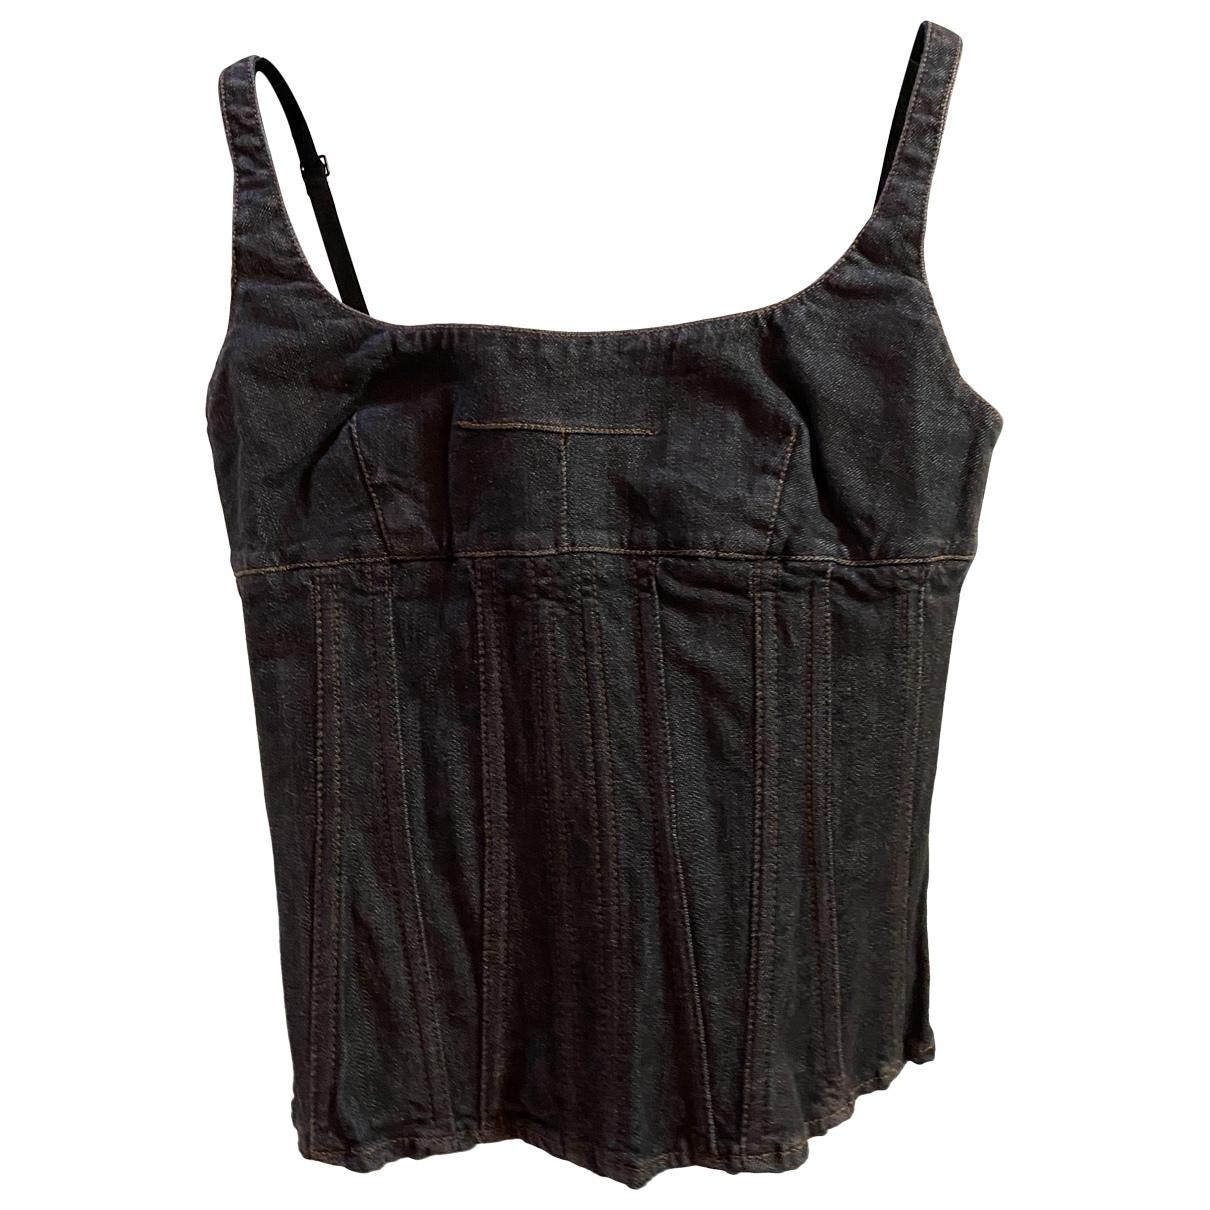 D&g \N Black Denim - Jeans  top for Women M International